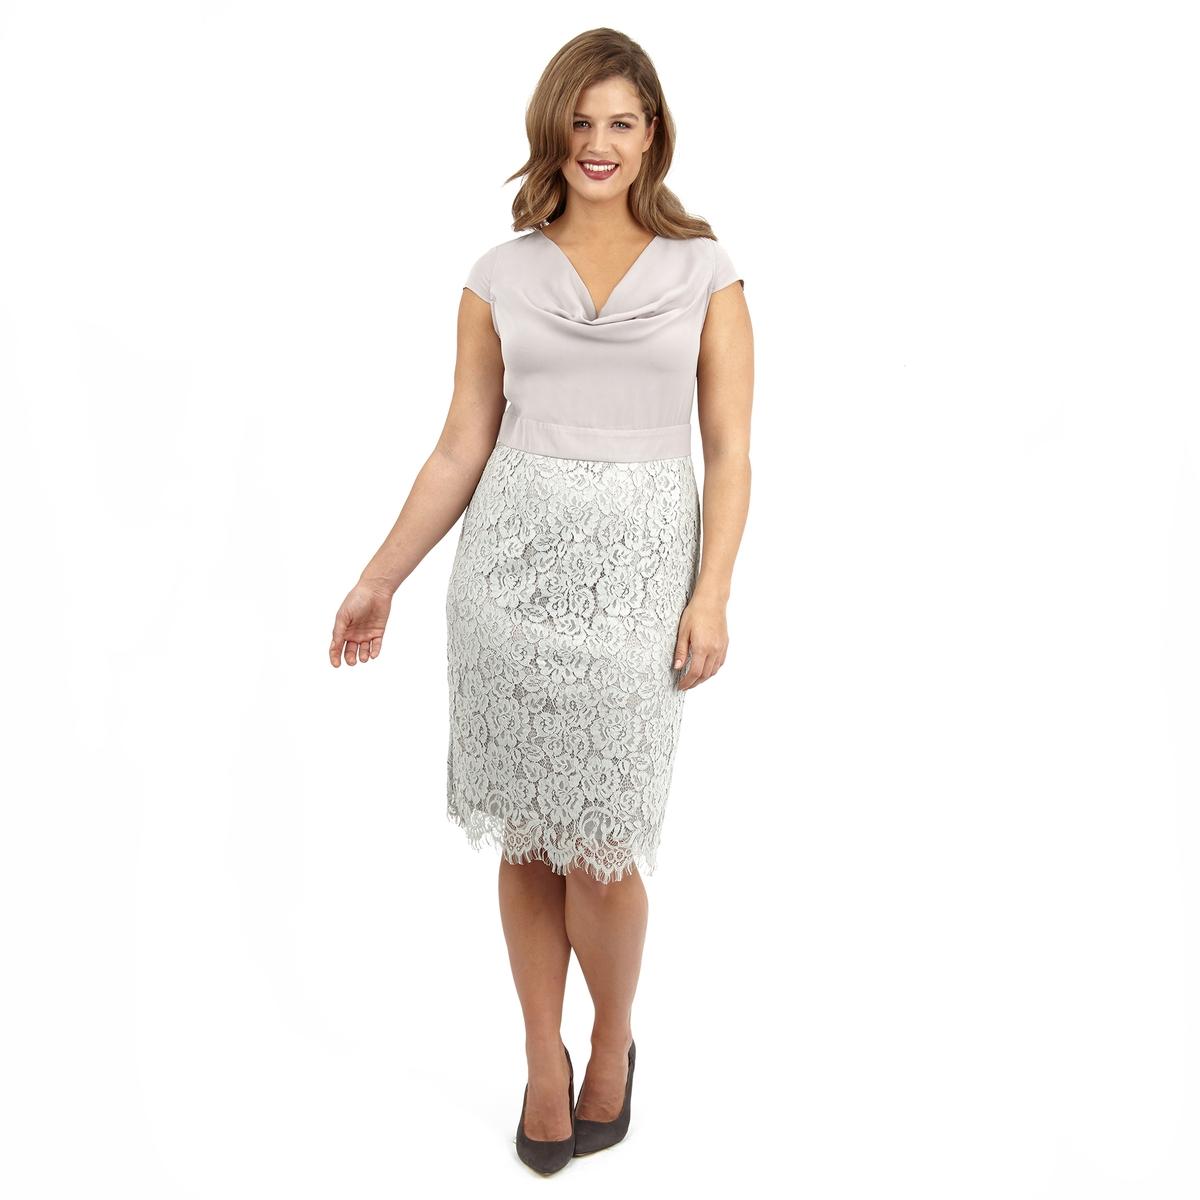 ПлатьеПлатье без рукавов LOVEDROBE. Красивый V-образный вырез. Отделка низа кружевом. 100% полиэстер.<br><br>Цвет: серый<br>Размер: 48 (FR) - 54 (RUS)